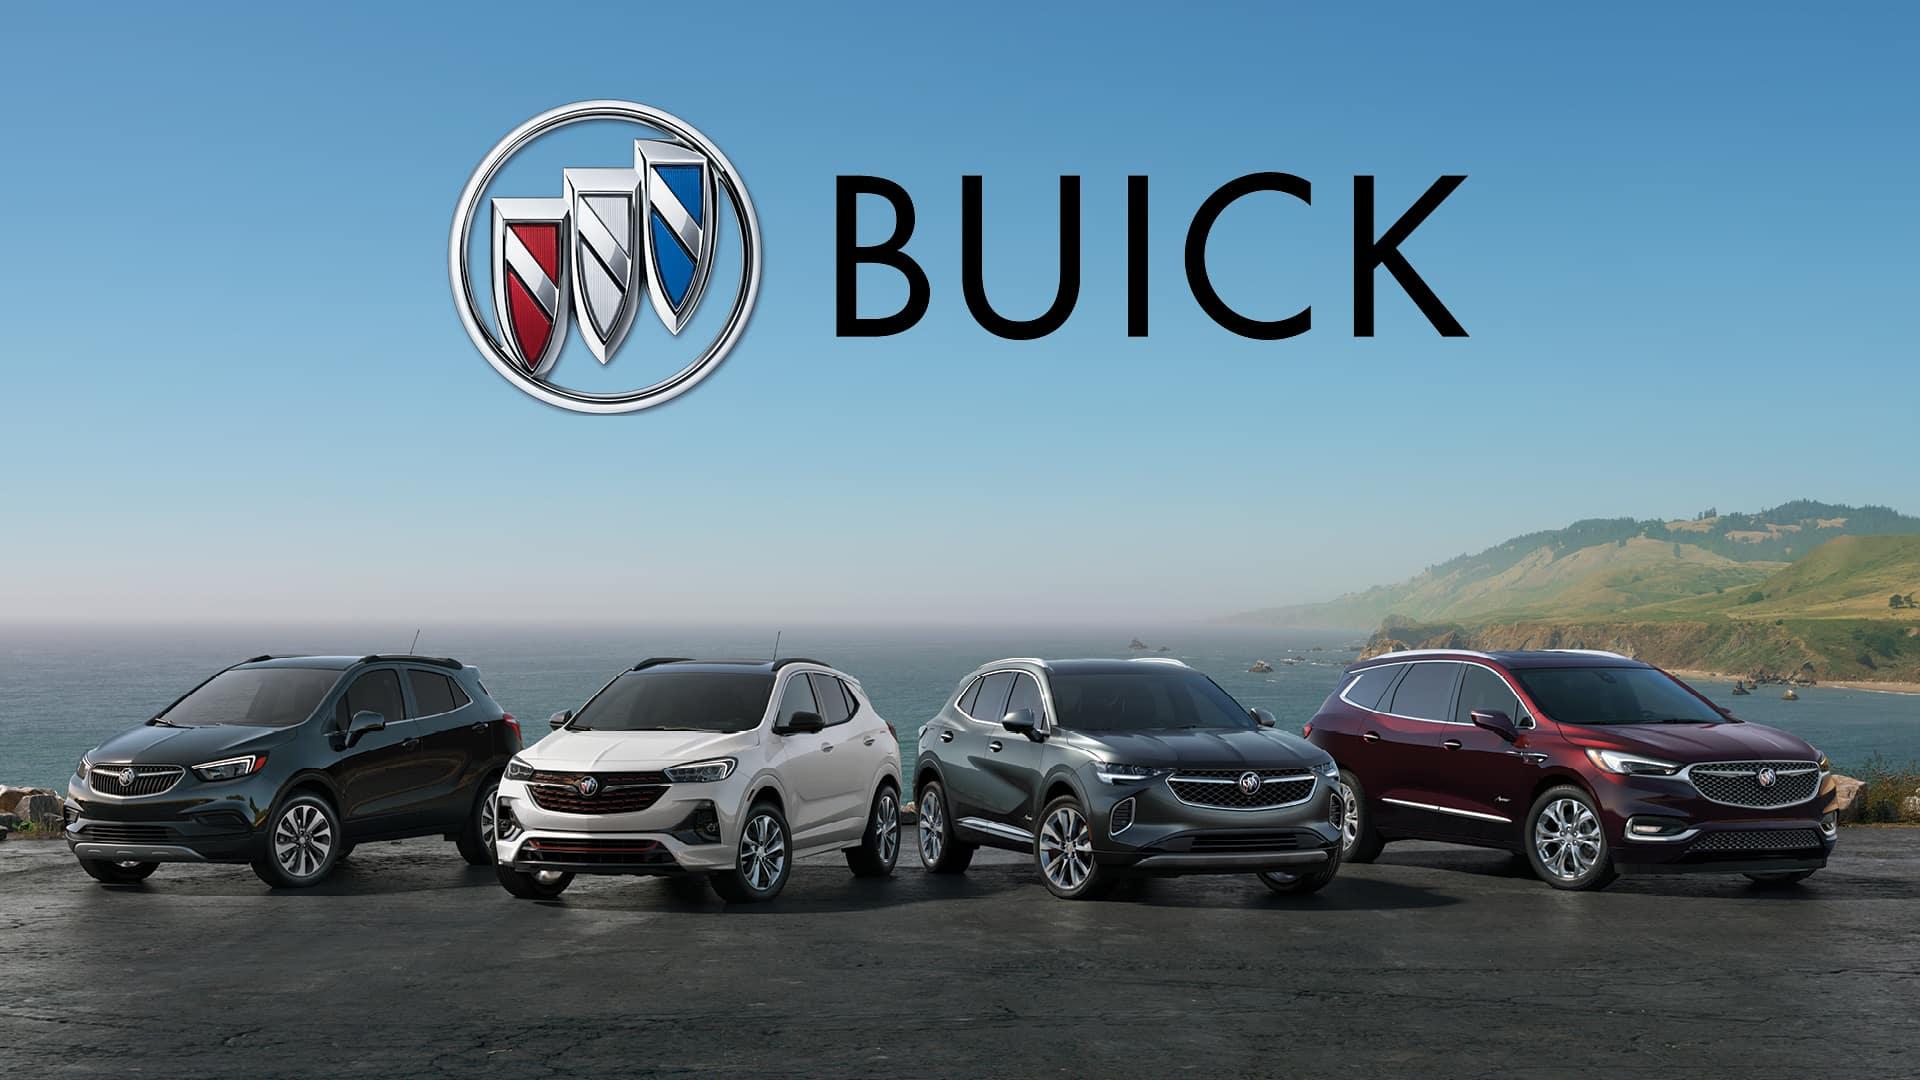 GMUX0581002_Buick_Natl_BB_MAY21_1920x1080